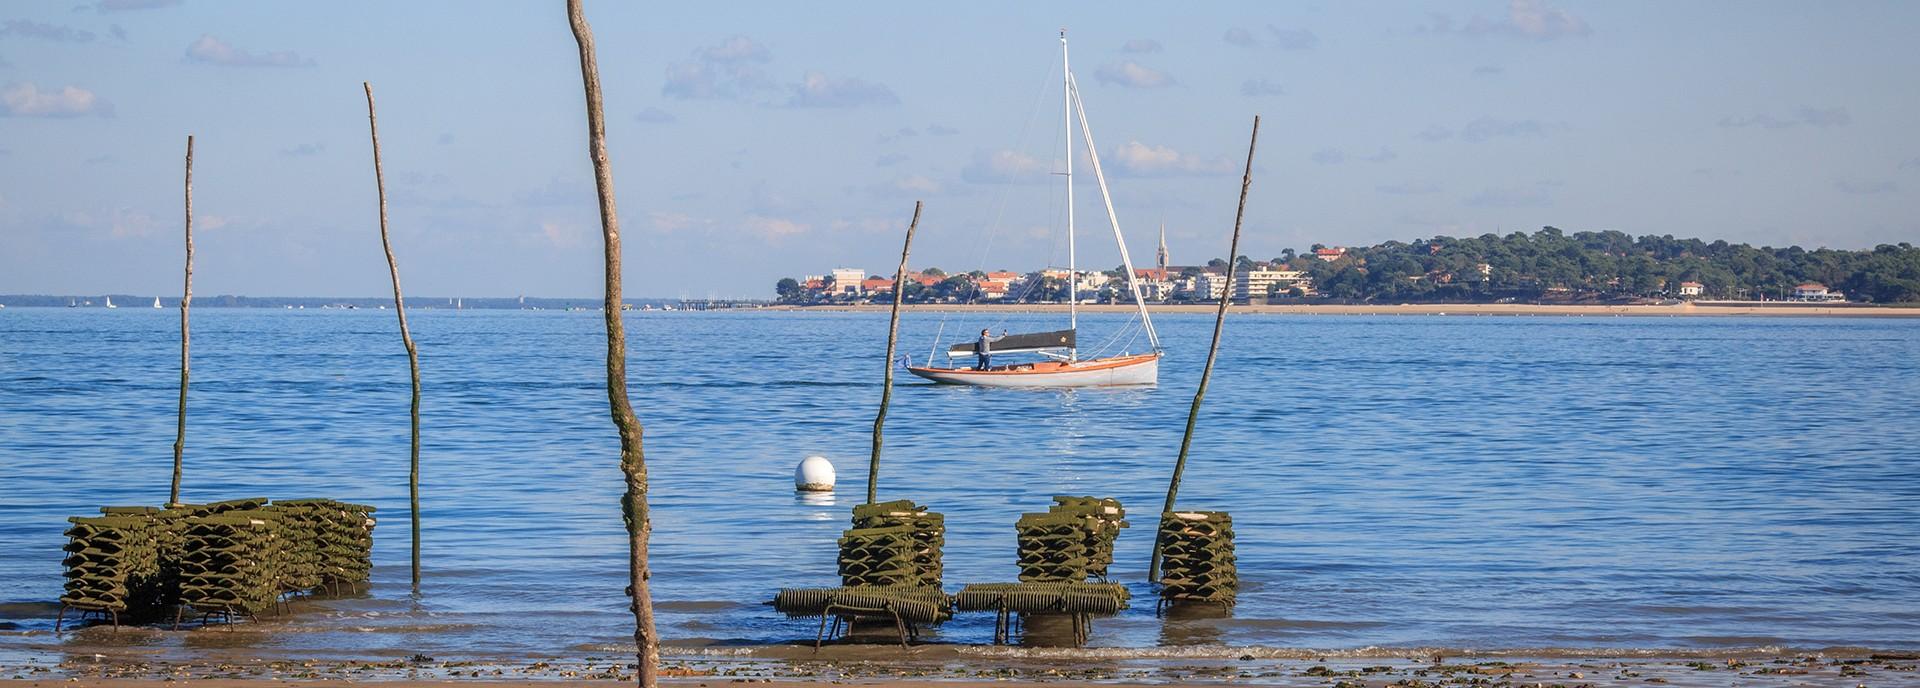 Balade en voilier à Lège Cap Ferret